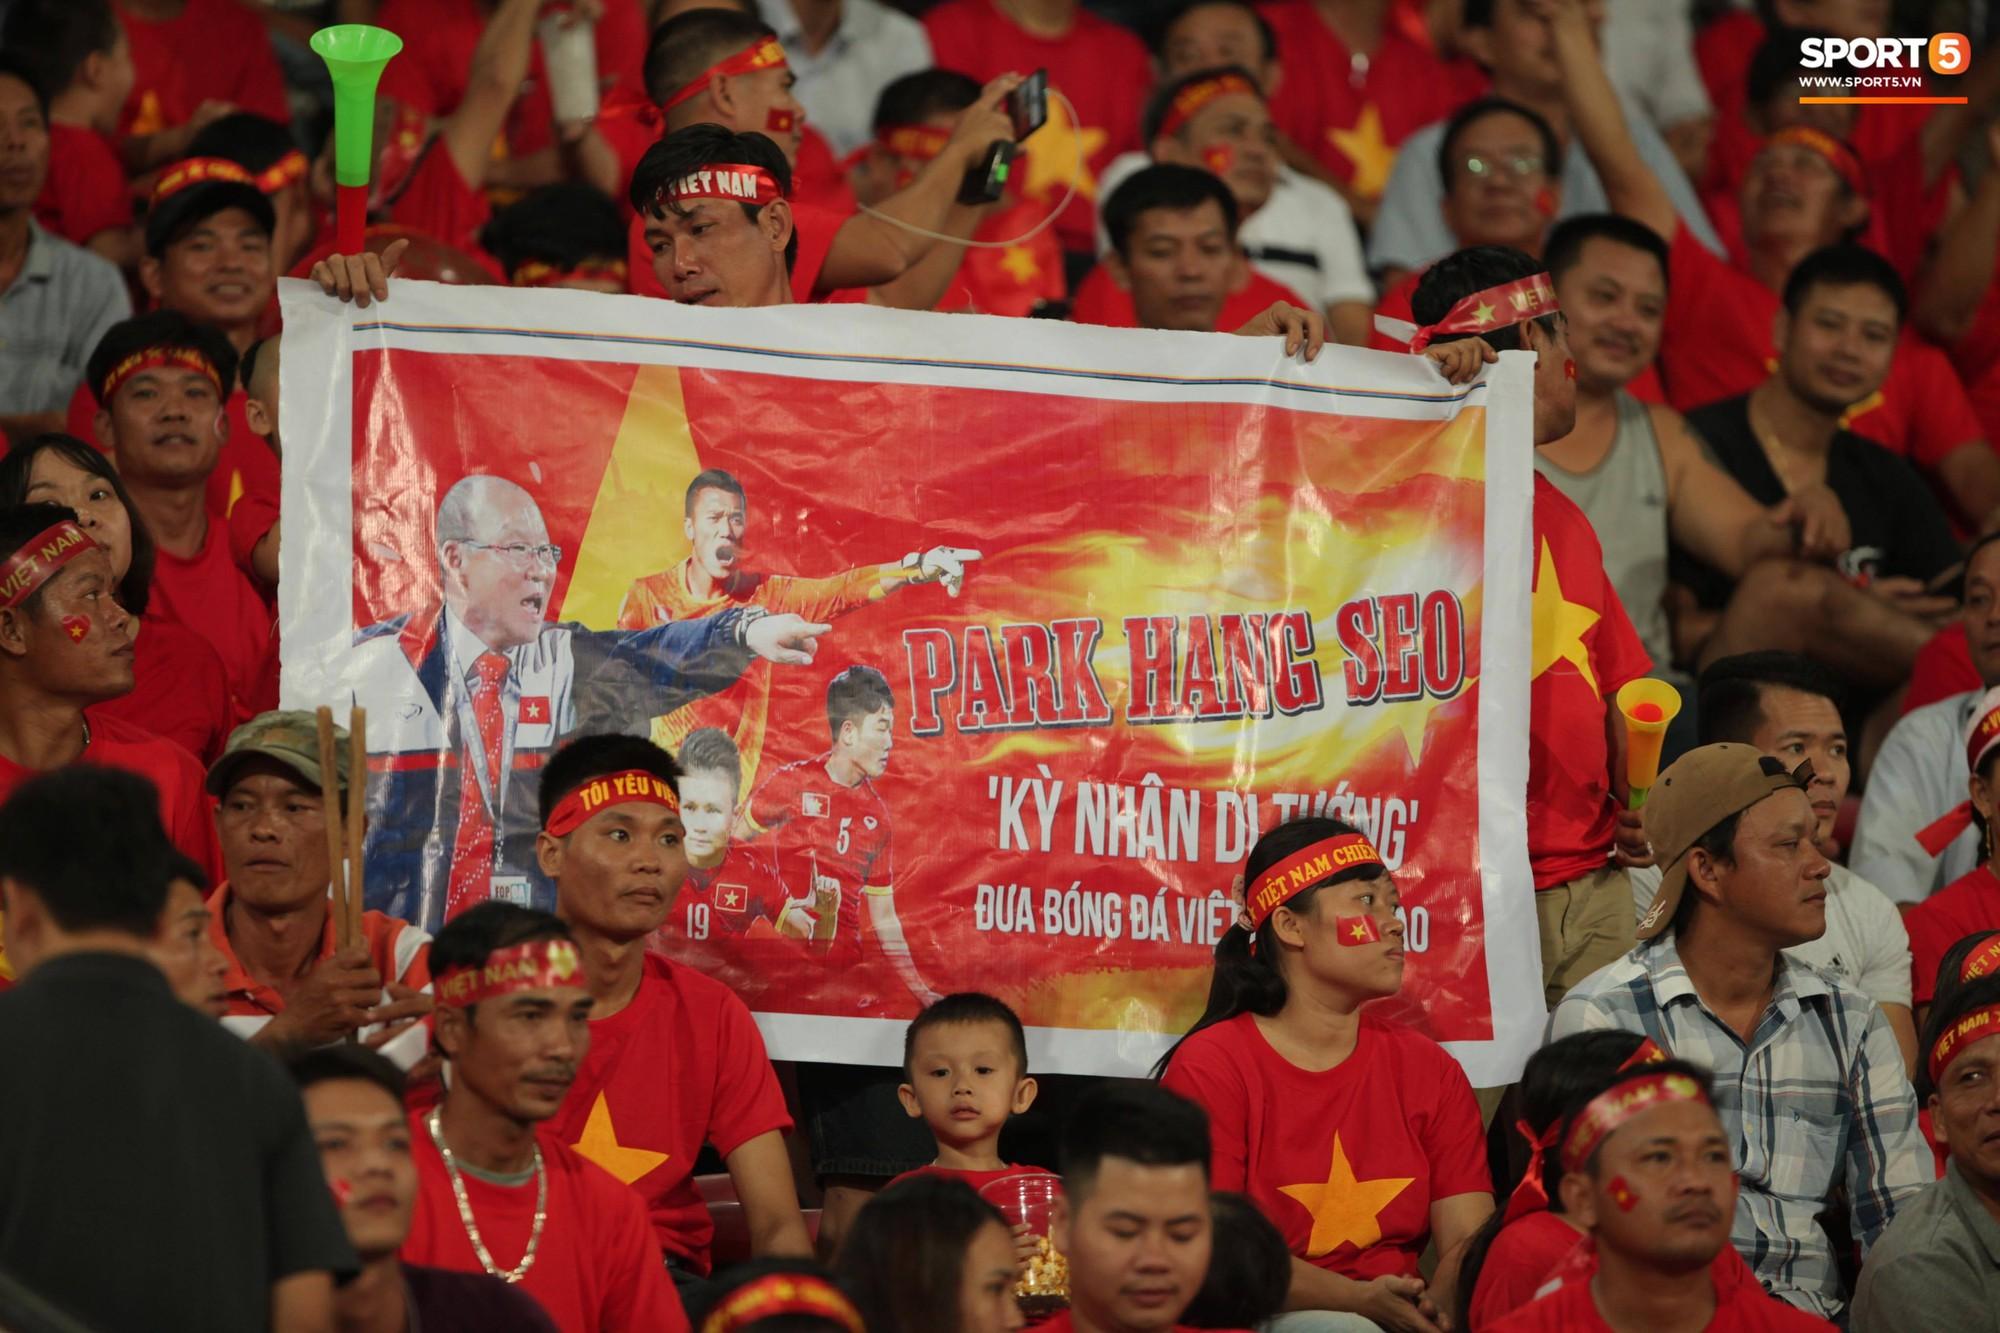 Đây mới là lý do khiến cầu thủ Lào chạnh lòng sau trận thua 0-3 trước Việt Nam ở AFF Cup 2018 - Ảnh 8.